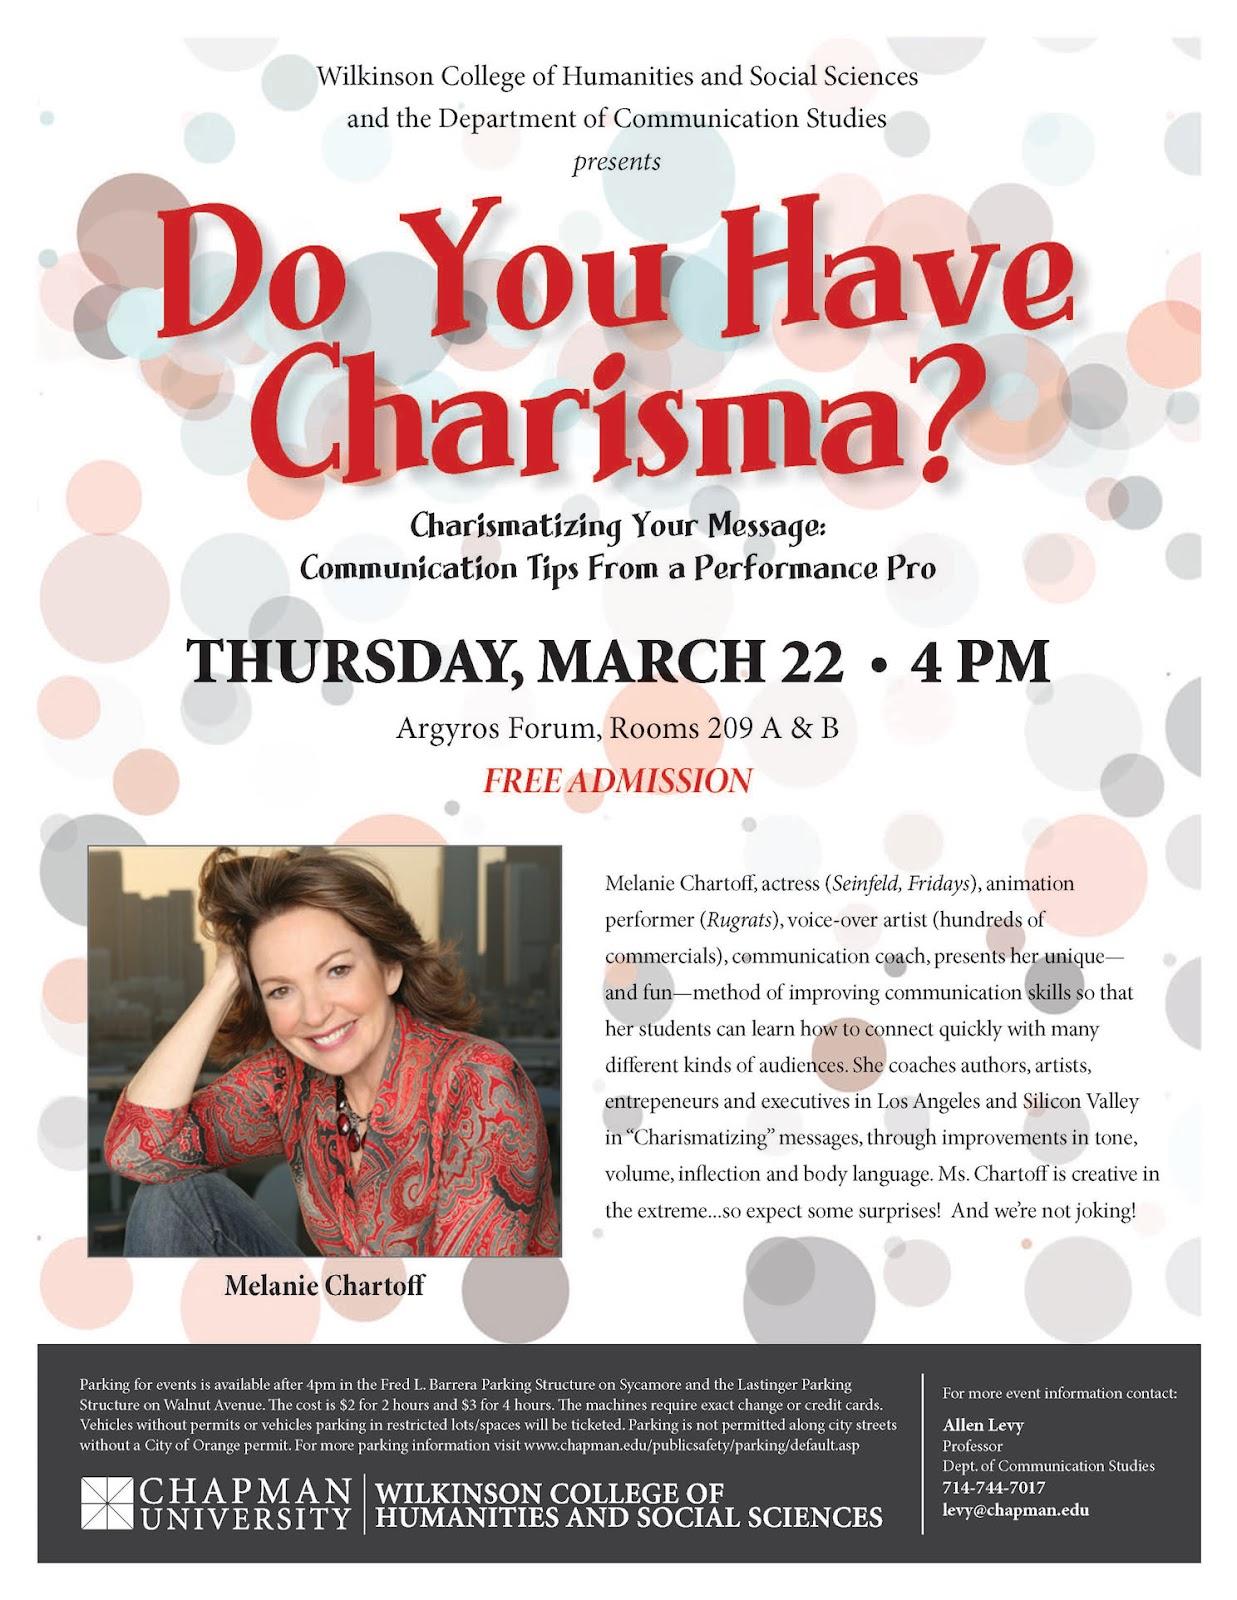 charisma university free